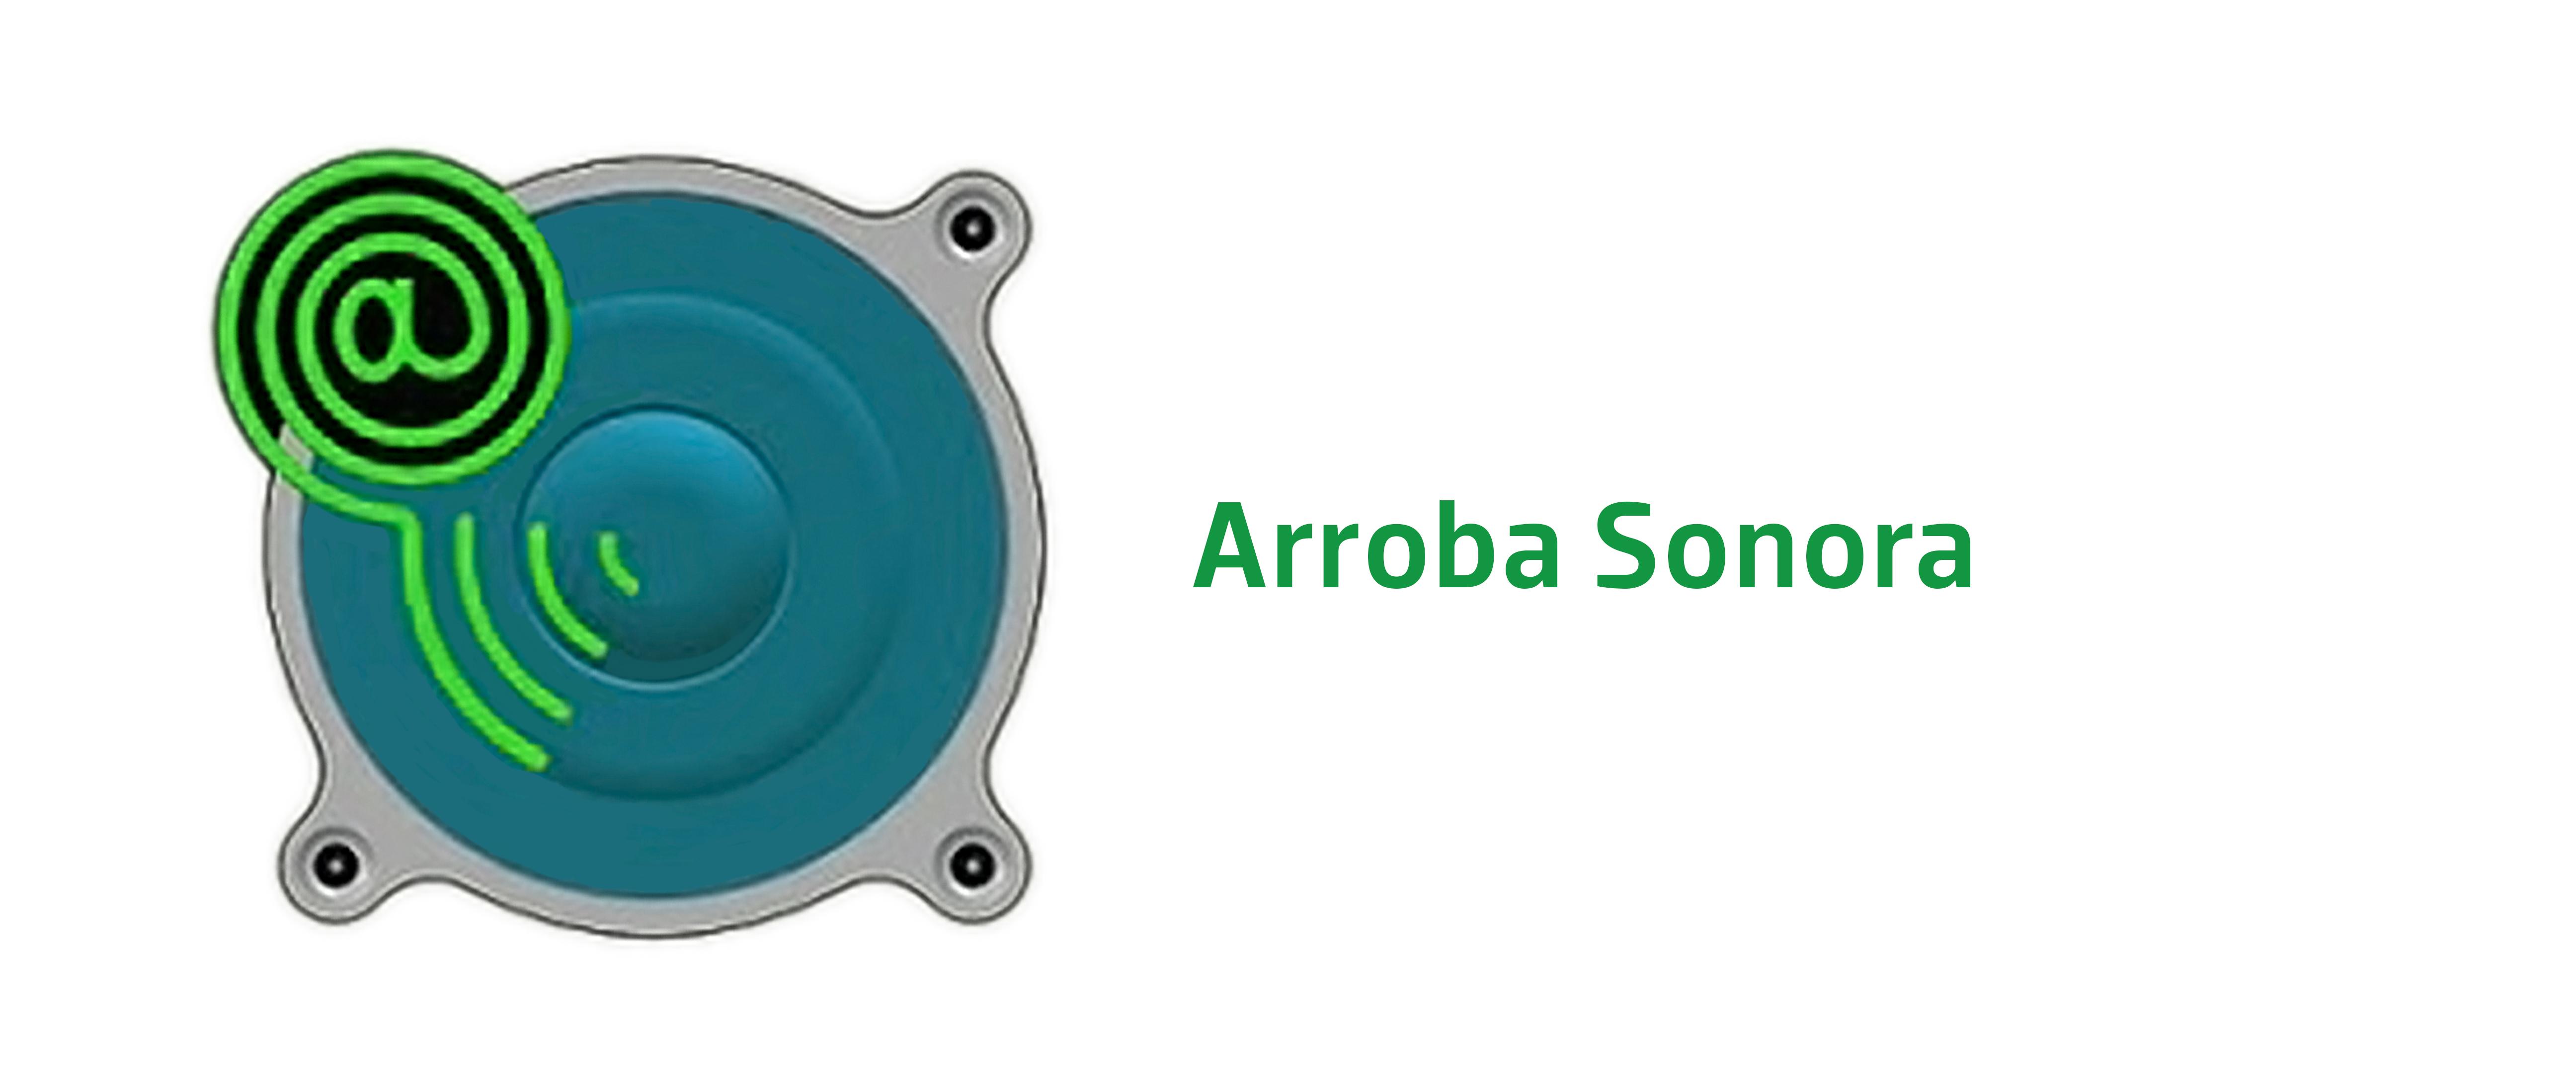 Arroba Sonora